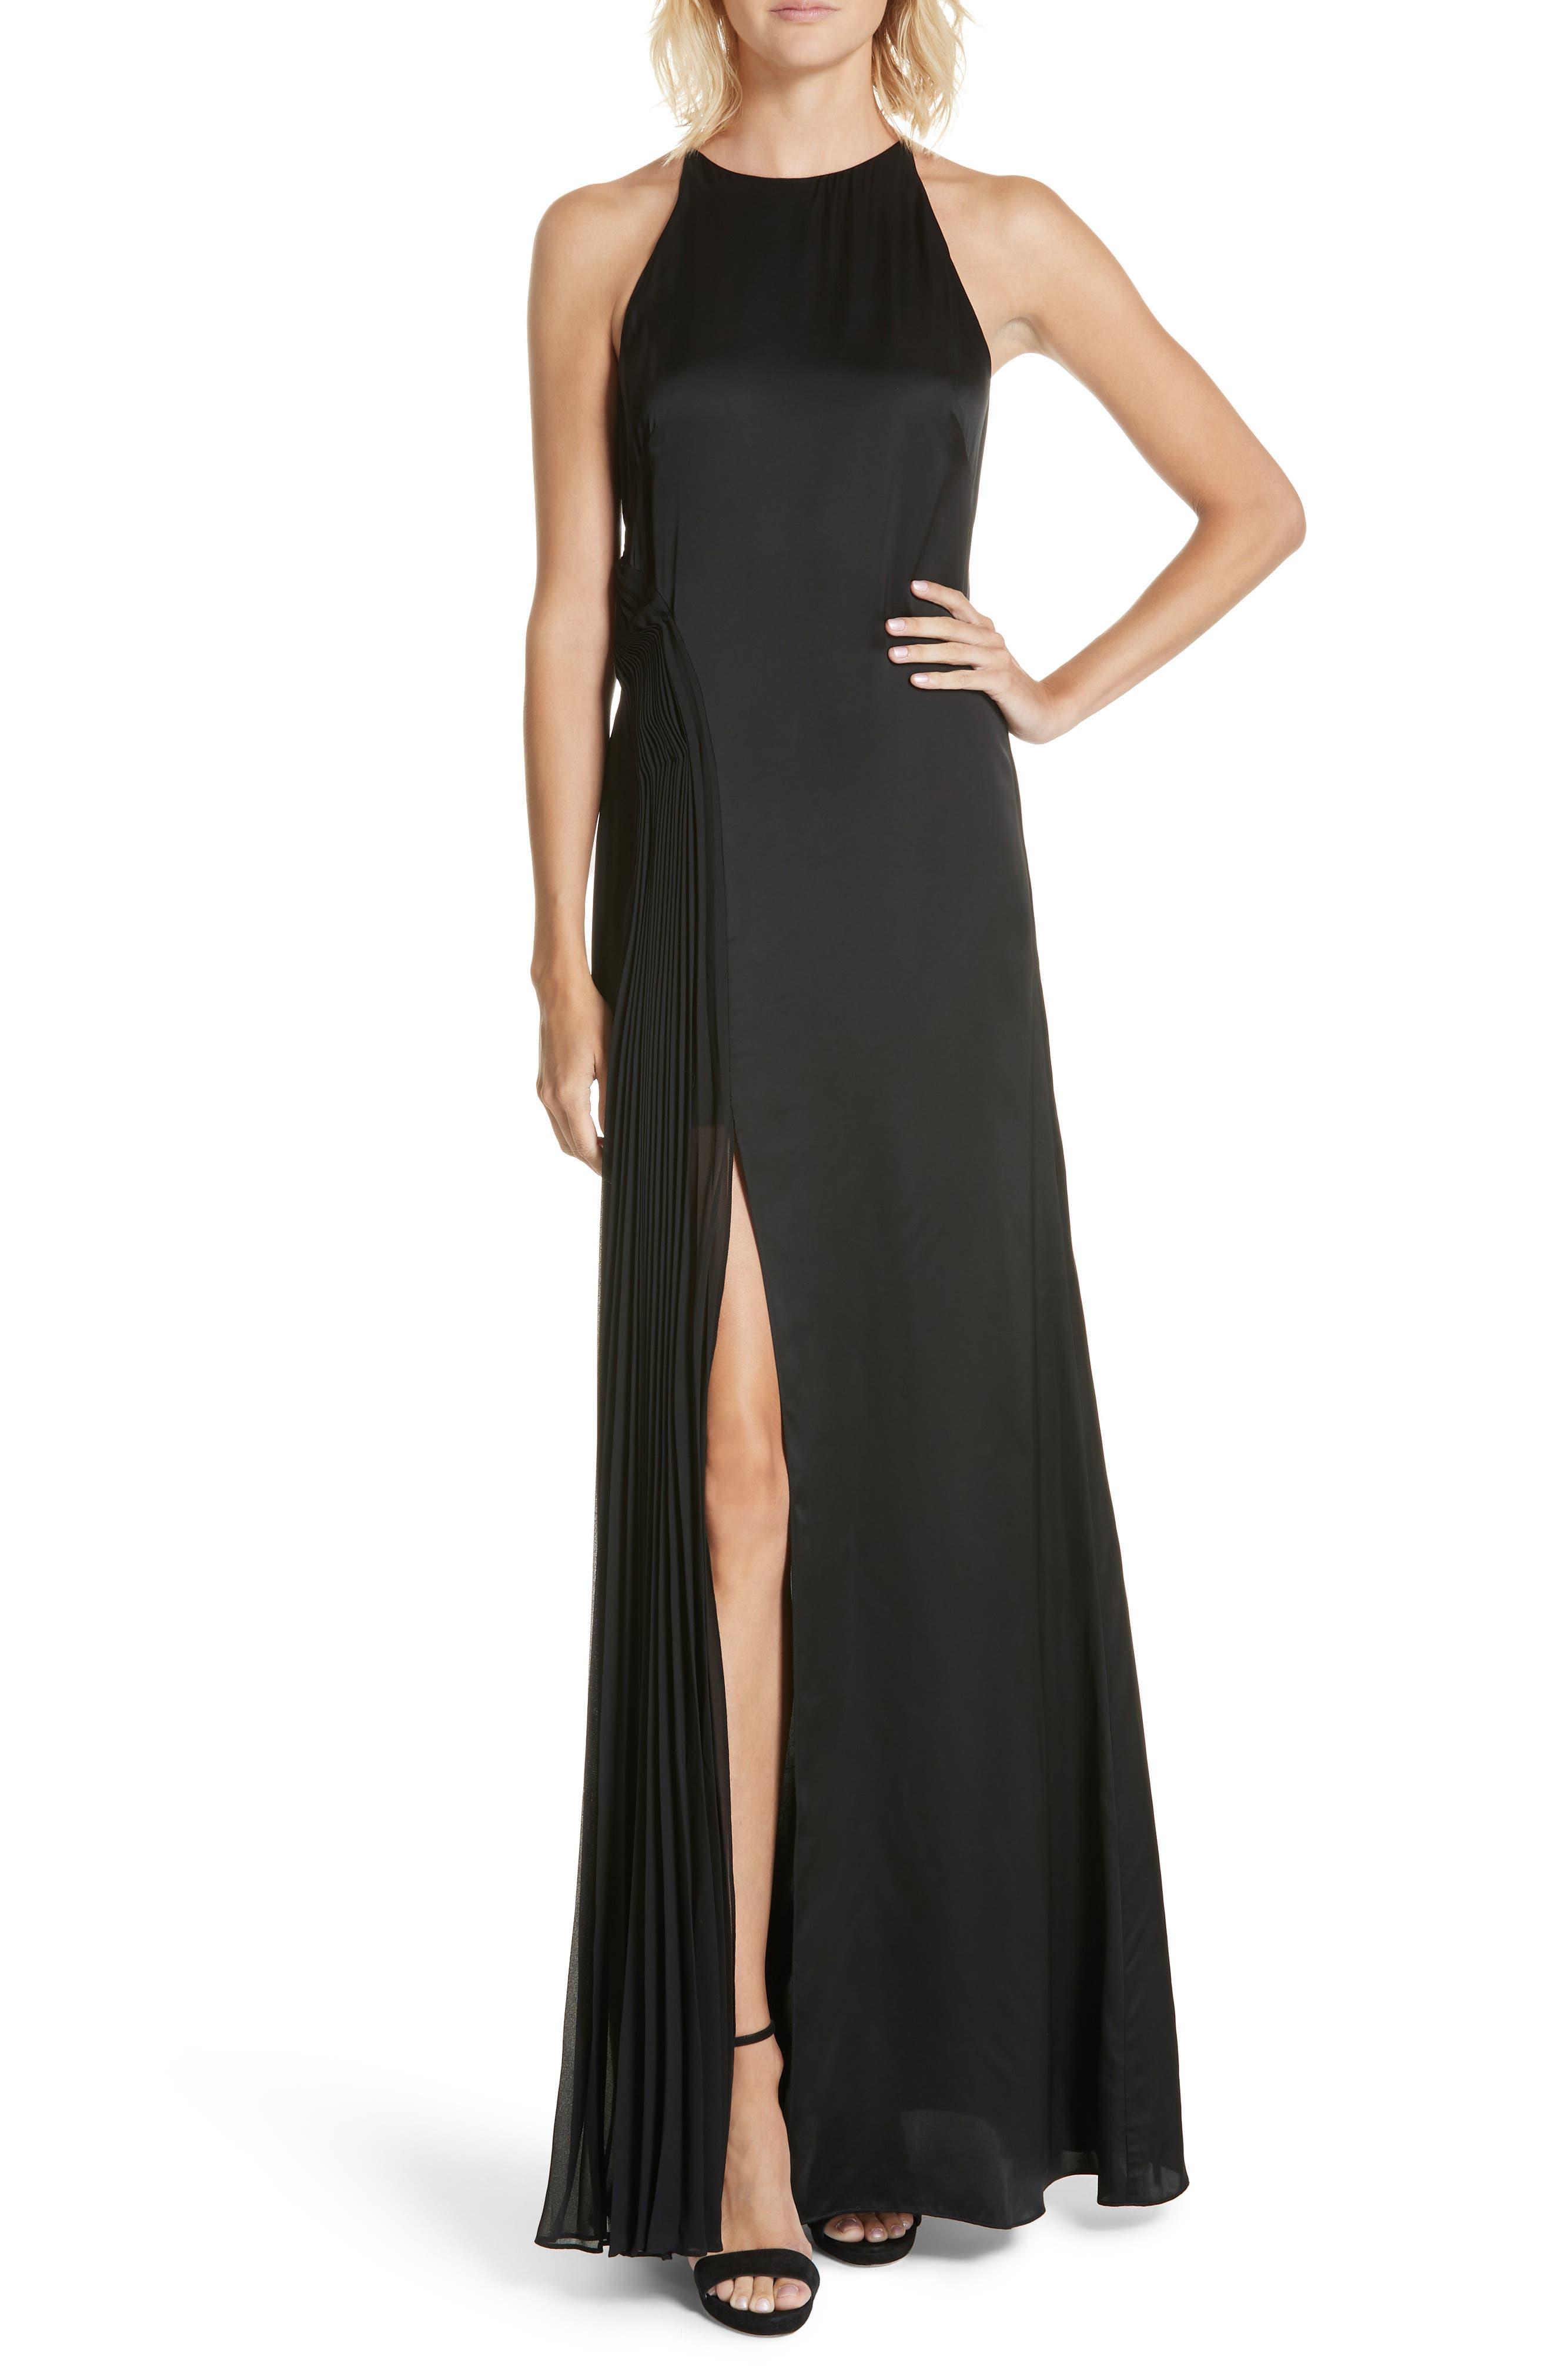 AMUR Erica Halter Column Dress in Black